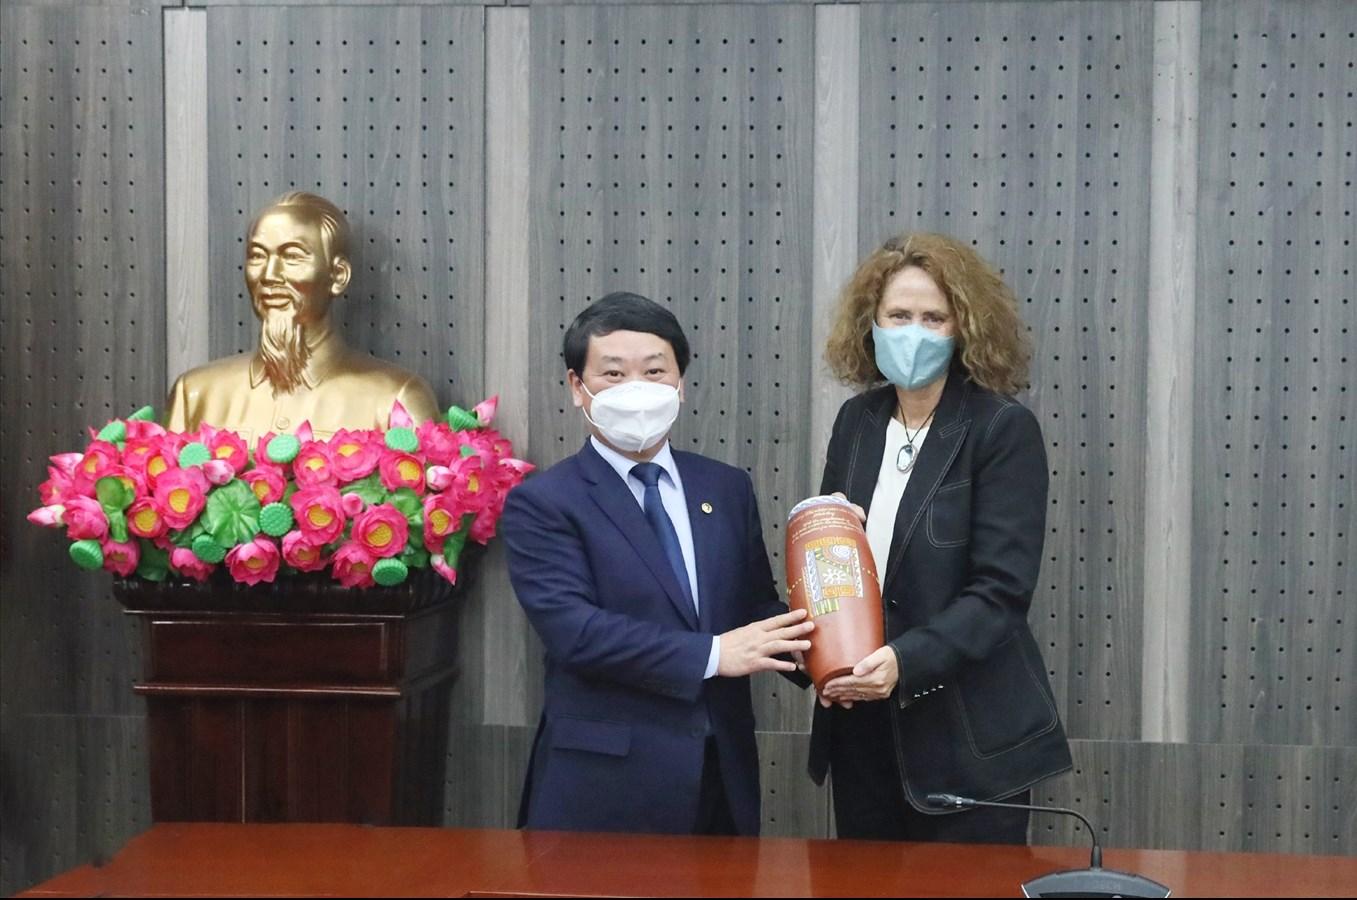 Bộ trưởng, Chủ nhiệm Hầu A Lềnh tặng quà của UBDT cho bà Carolyn Turk